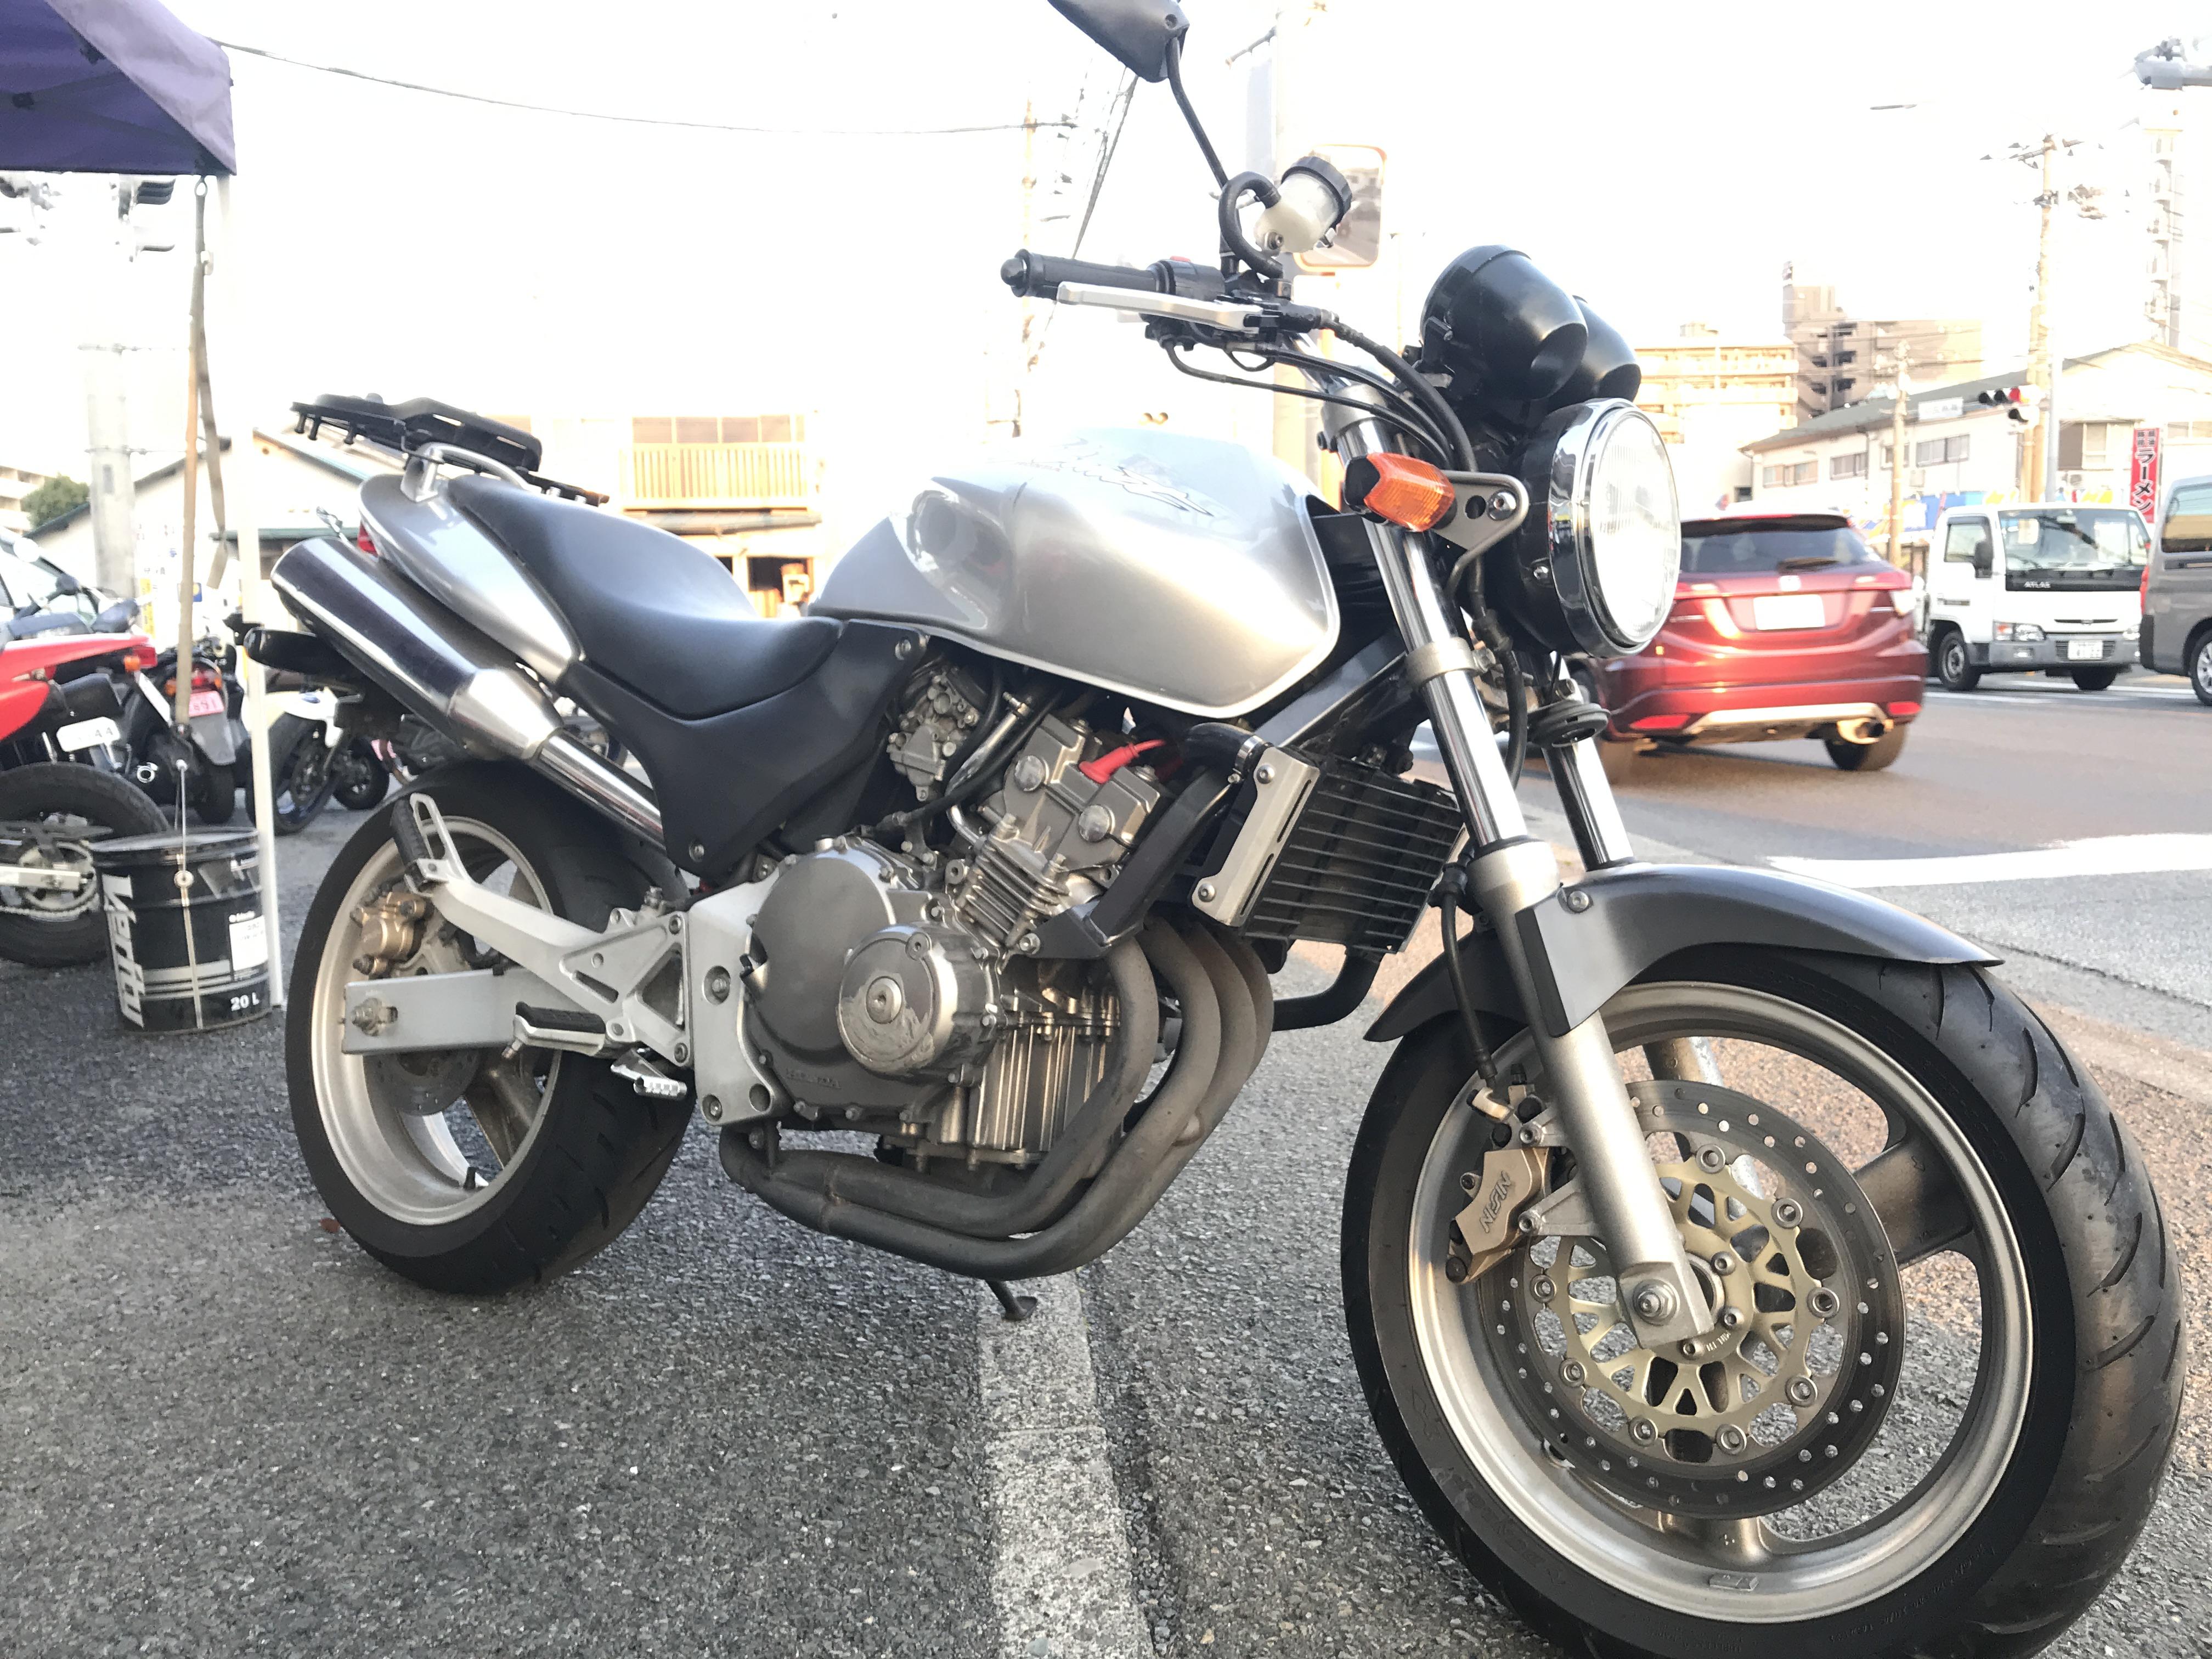 ホーネット250 (FC-002) - 【公式】レンタルバイクのベストBike® 橋本駅前